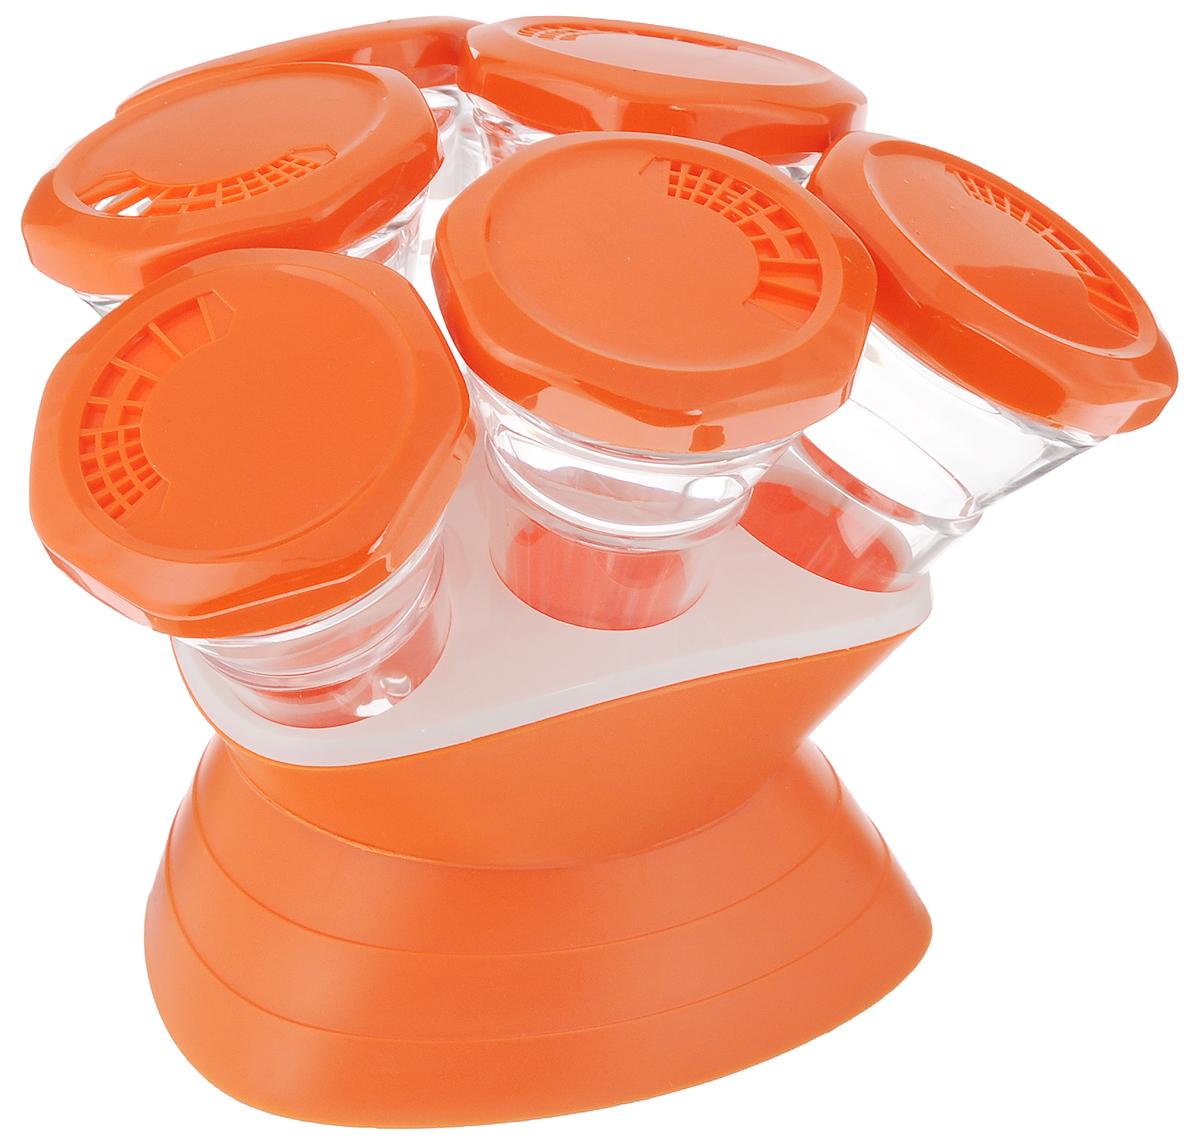 Набор для специй Mayer & Boch, 7 предметов. 2329624193Набор Mayer & Boch состоит из 6 банок для специй и подставки. Баночки изготовлены из акрила. Крышки, выполненные из пластика оранжевого цвета, плотно закрываются и предотвращают высыпание специй. Имеются регулируемые отверстия, с помощью которых можно обильно или слегка приправить блюдо. Баночки идеально подойдут для соли, перца и других специй. Изделия размещаются на специальной подставке. Оригинальный набор эффектно украсит интерьер кухни, а также станет незаменимым помощником в приготовлении ваших любимых блюд. С таким набором специи надолго сохранят свежесть, аромат и пряный вкус. Объем баночек: 70 мл. Высота баночек: 12 см. Диаметр баночек: 6,5 см. Размер подставки: 13,5 х 13,5 х 9 см.